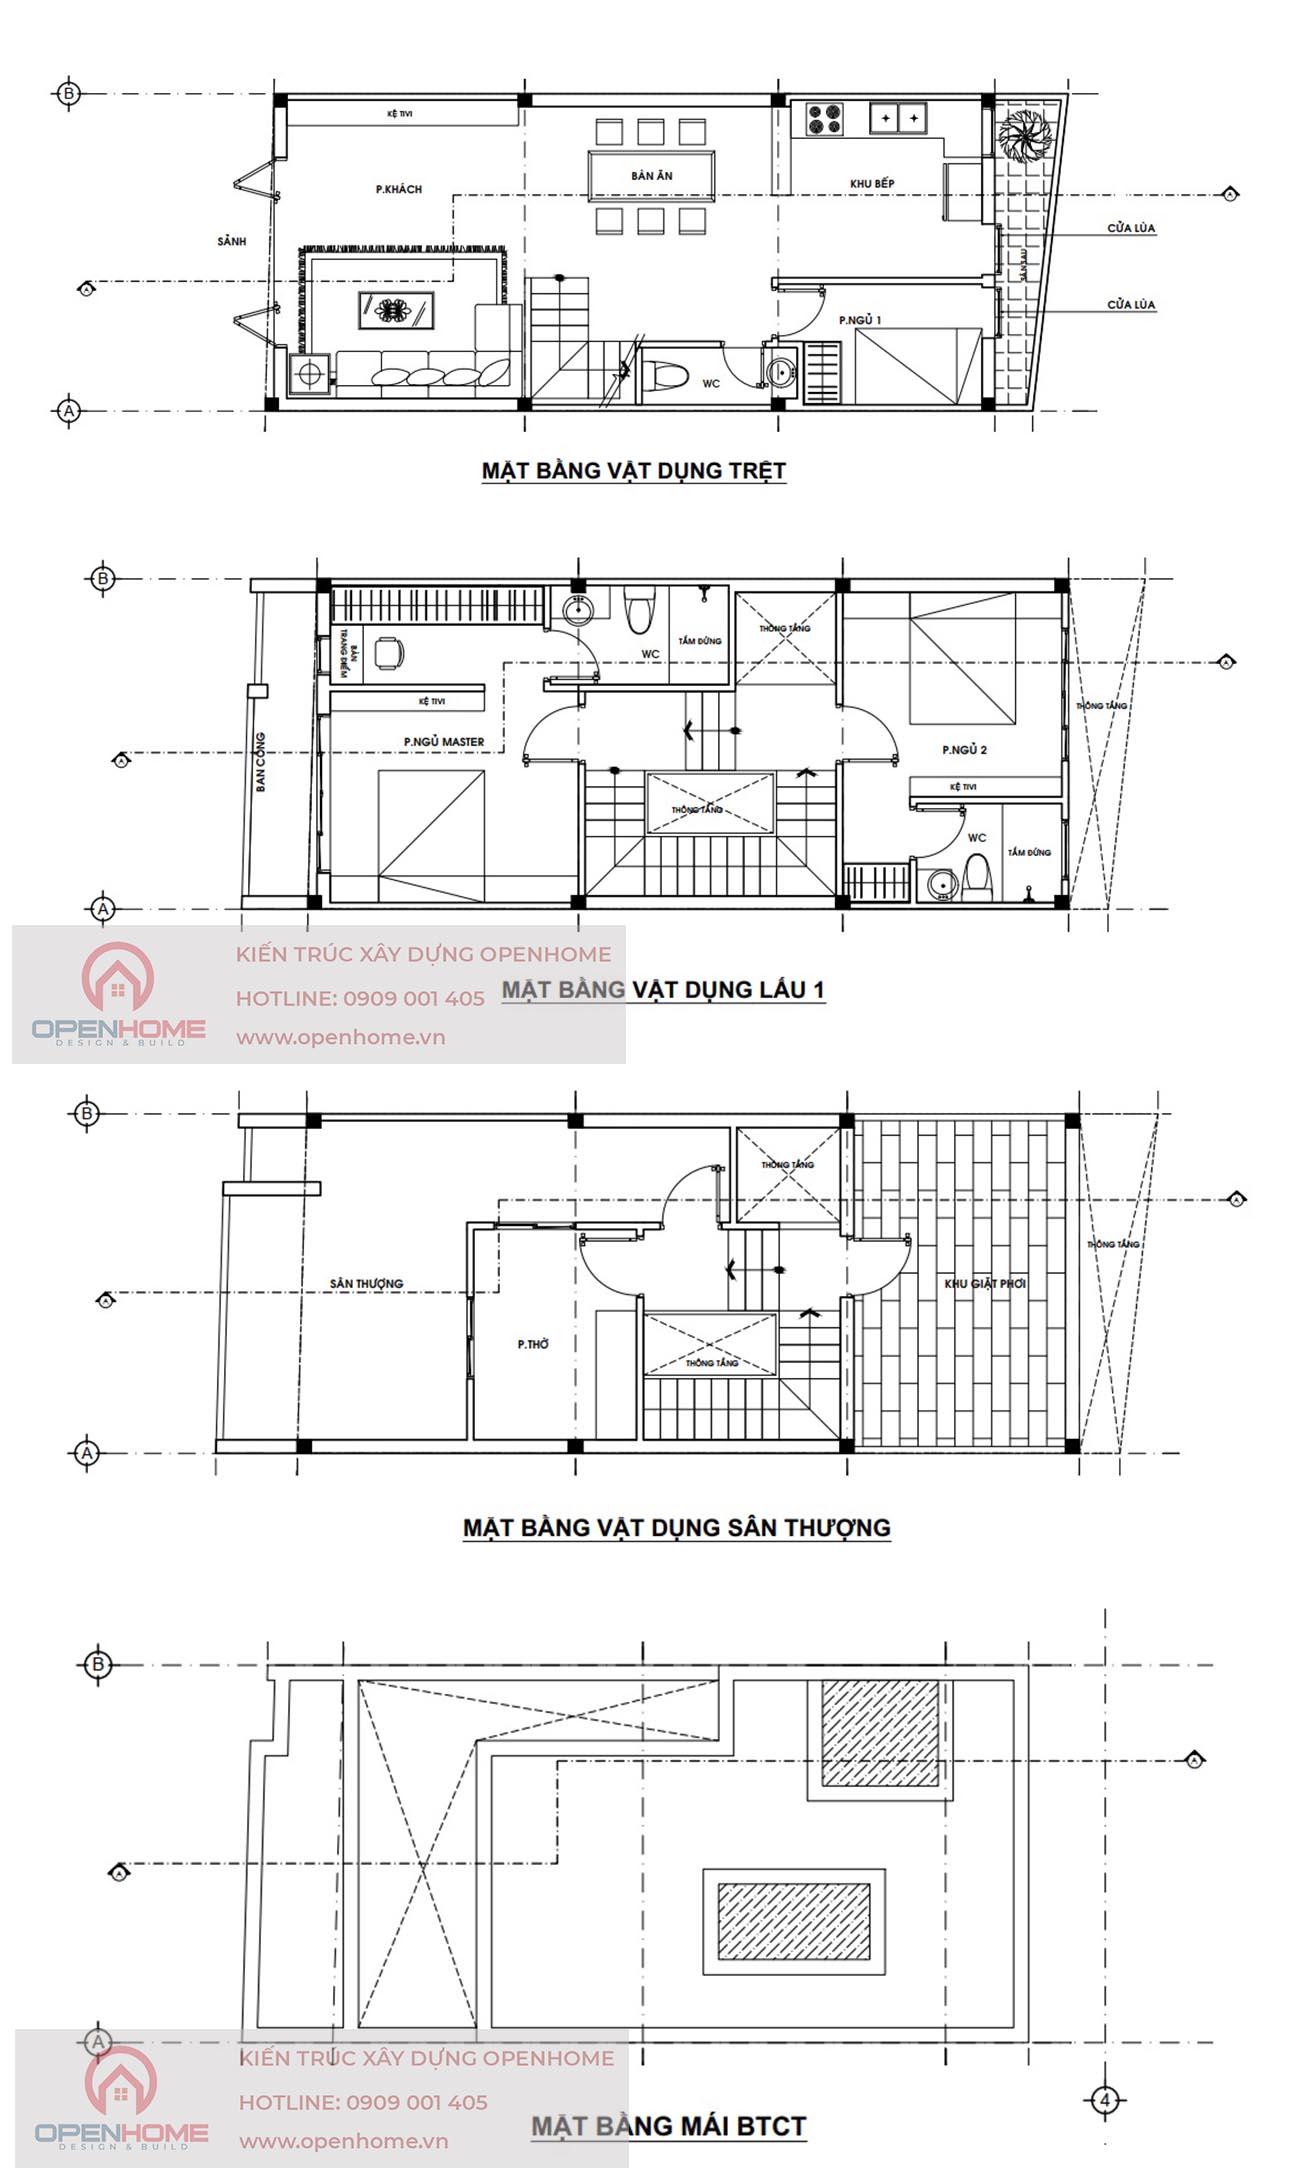 bản vẽ nhà phố 3 tầng Thủ Dầu Một